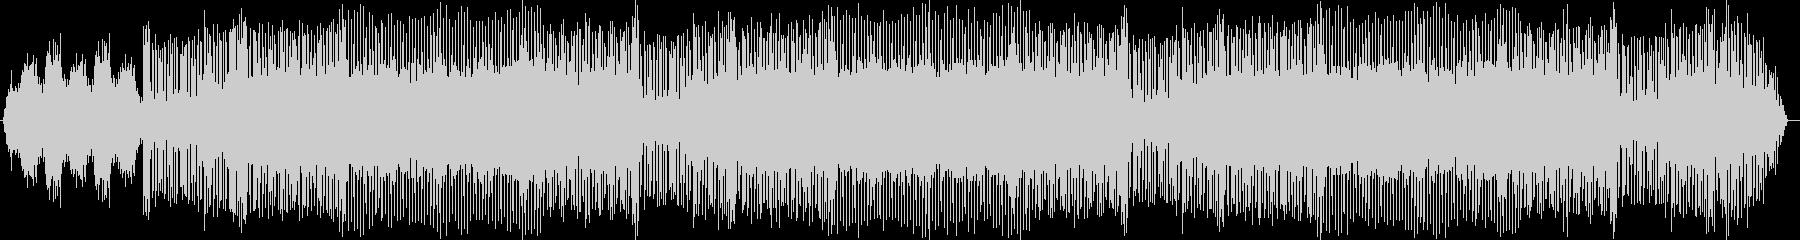 メタルのバラード作ってみました。聴い…の未再生の波形